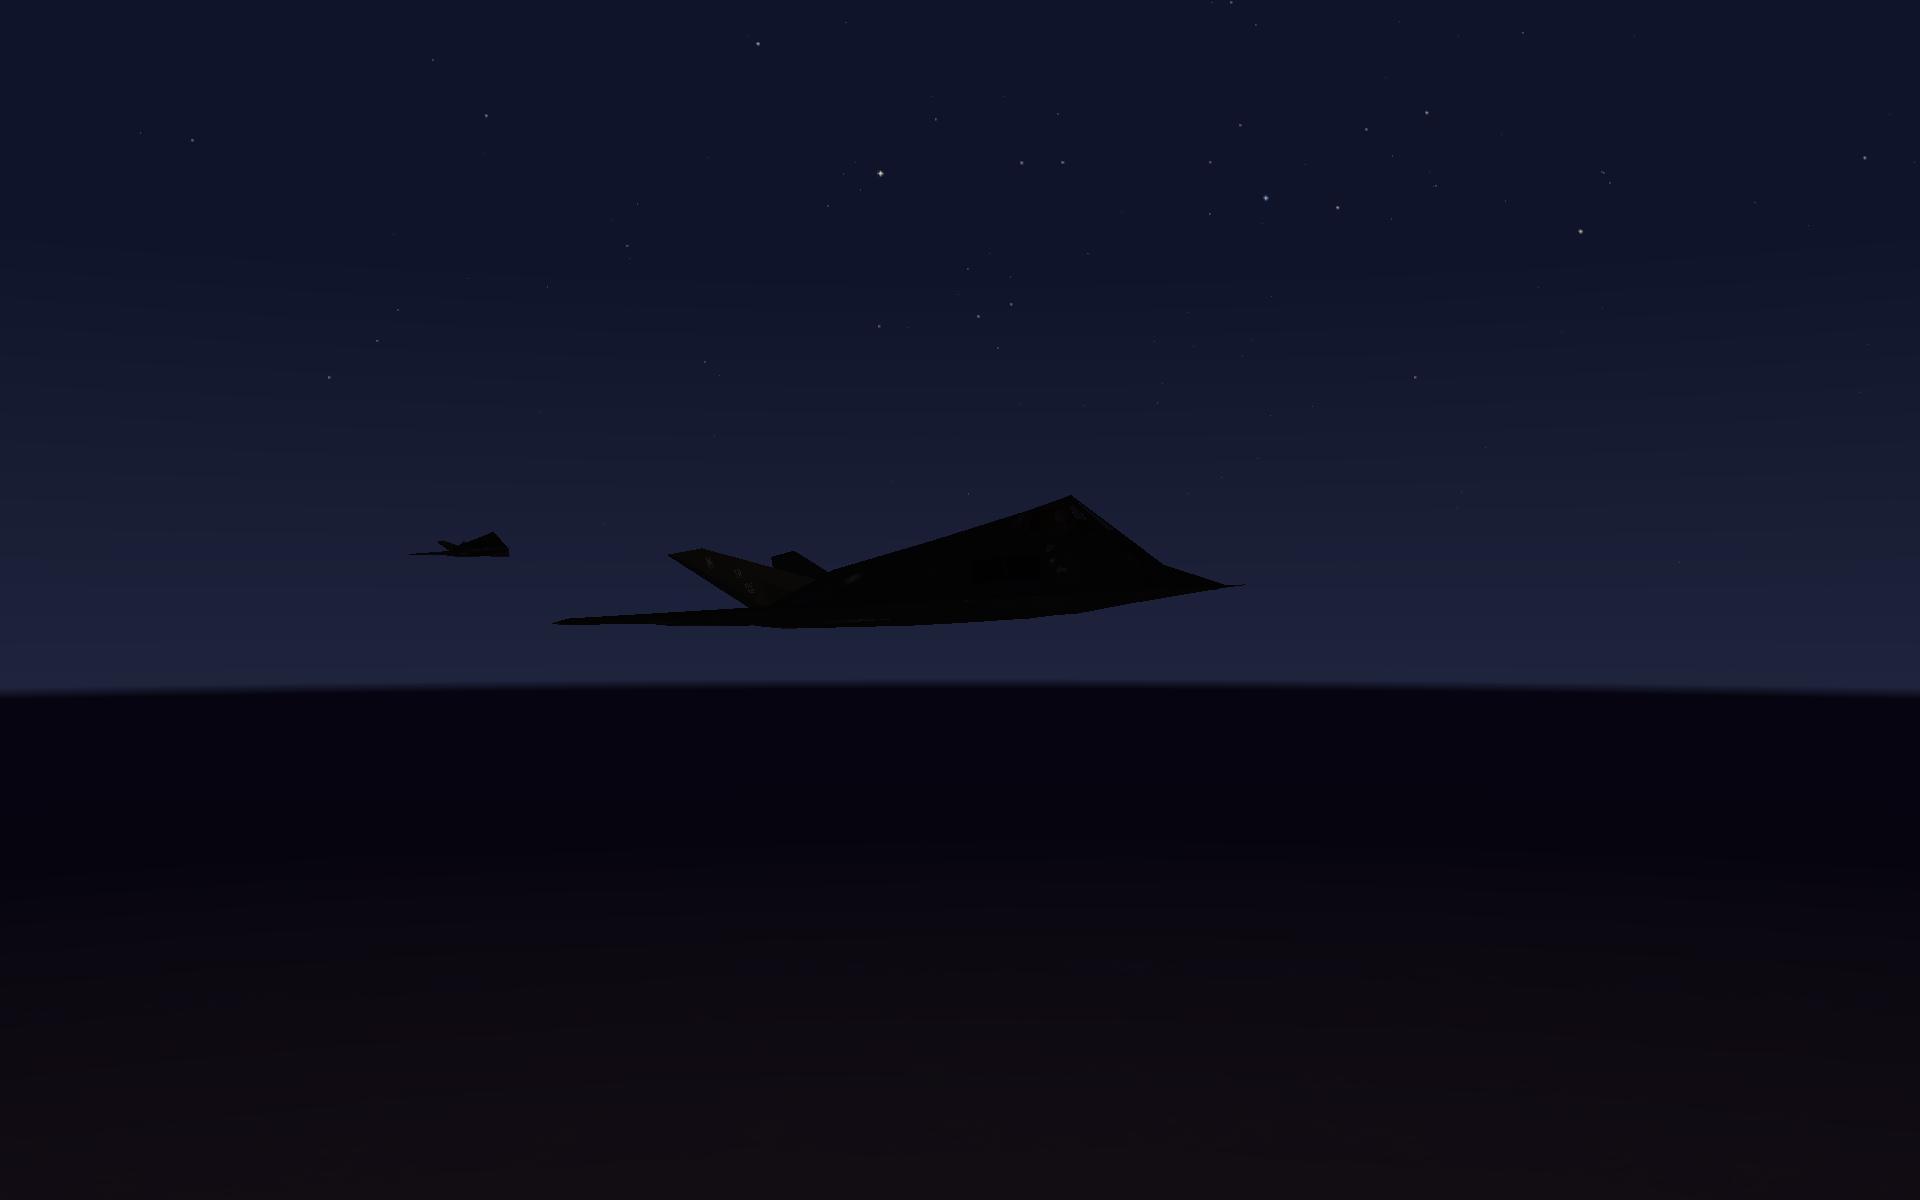 Next stop Bagdad   F 117a